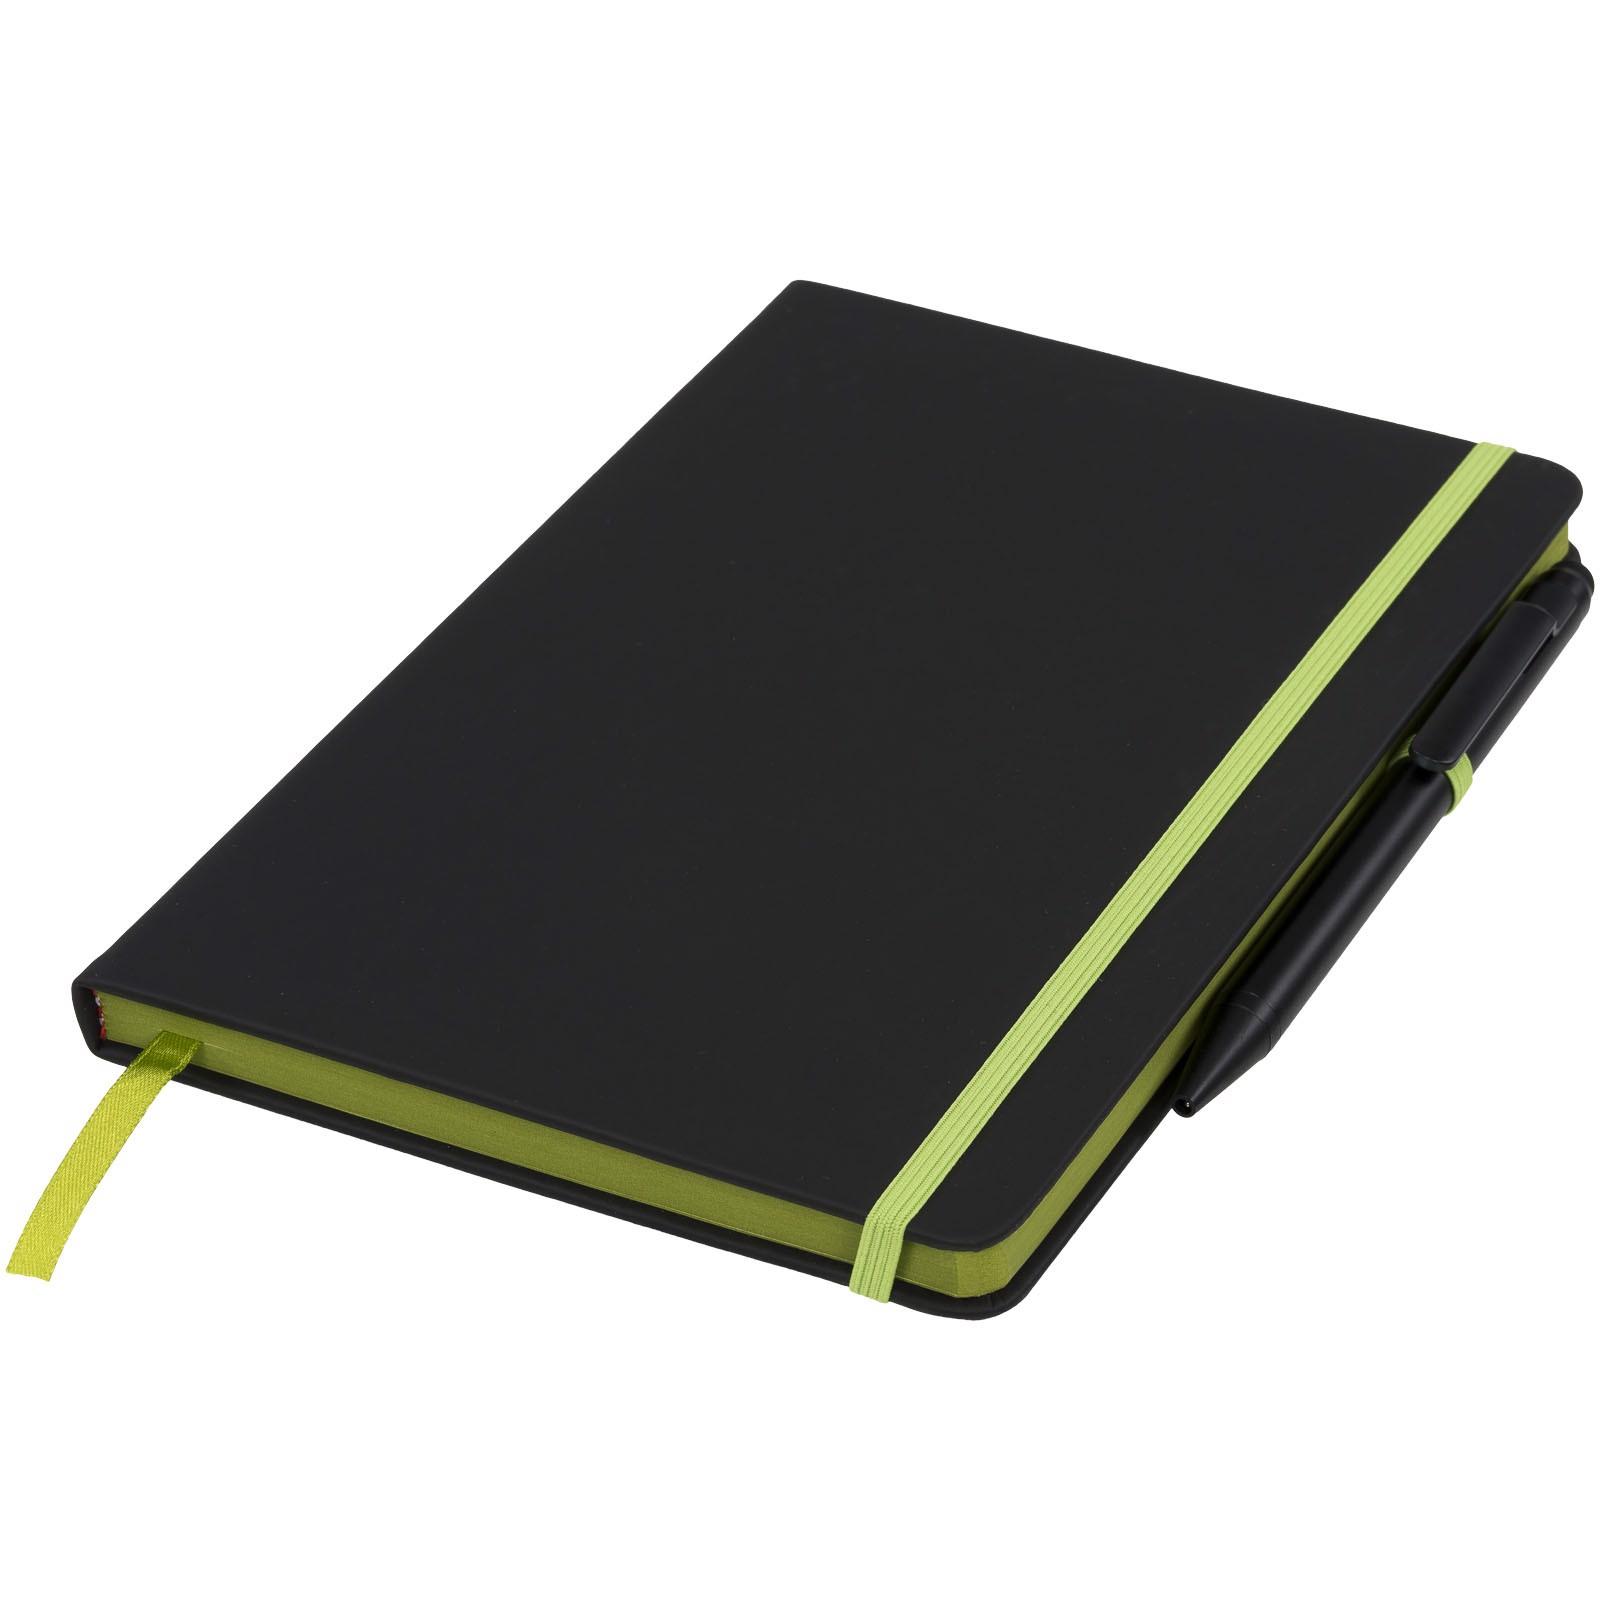 Zápisník Medium noir edge - Černá / Limetka